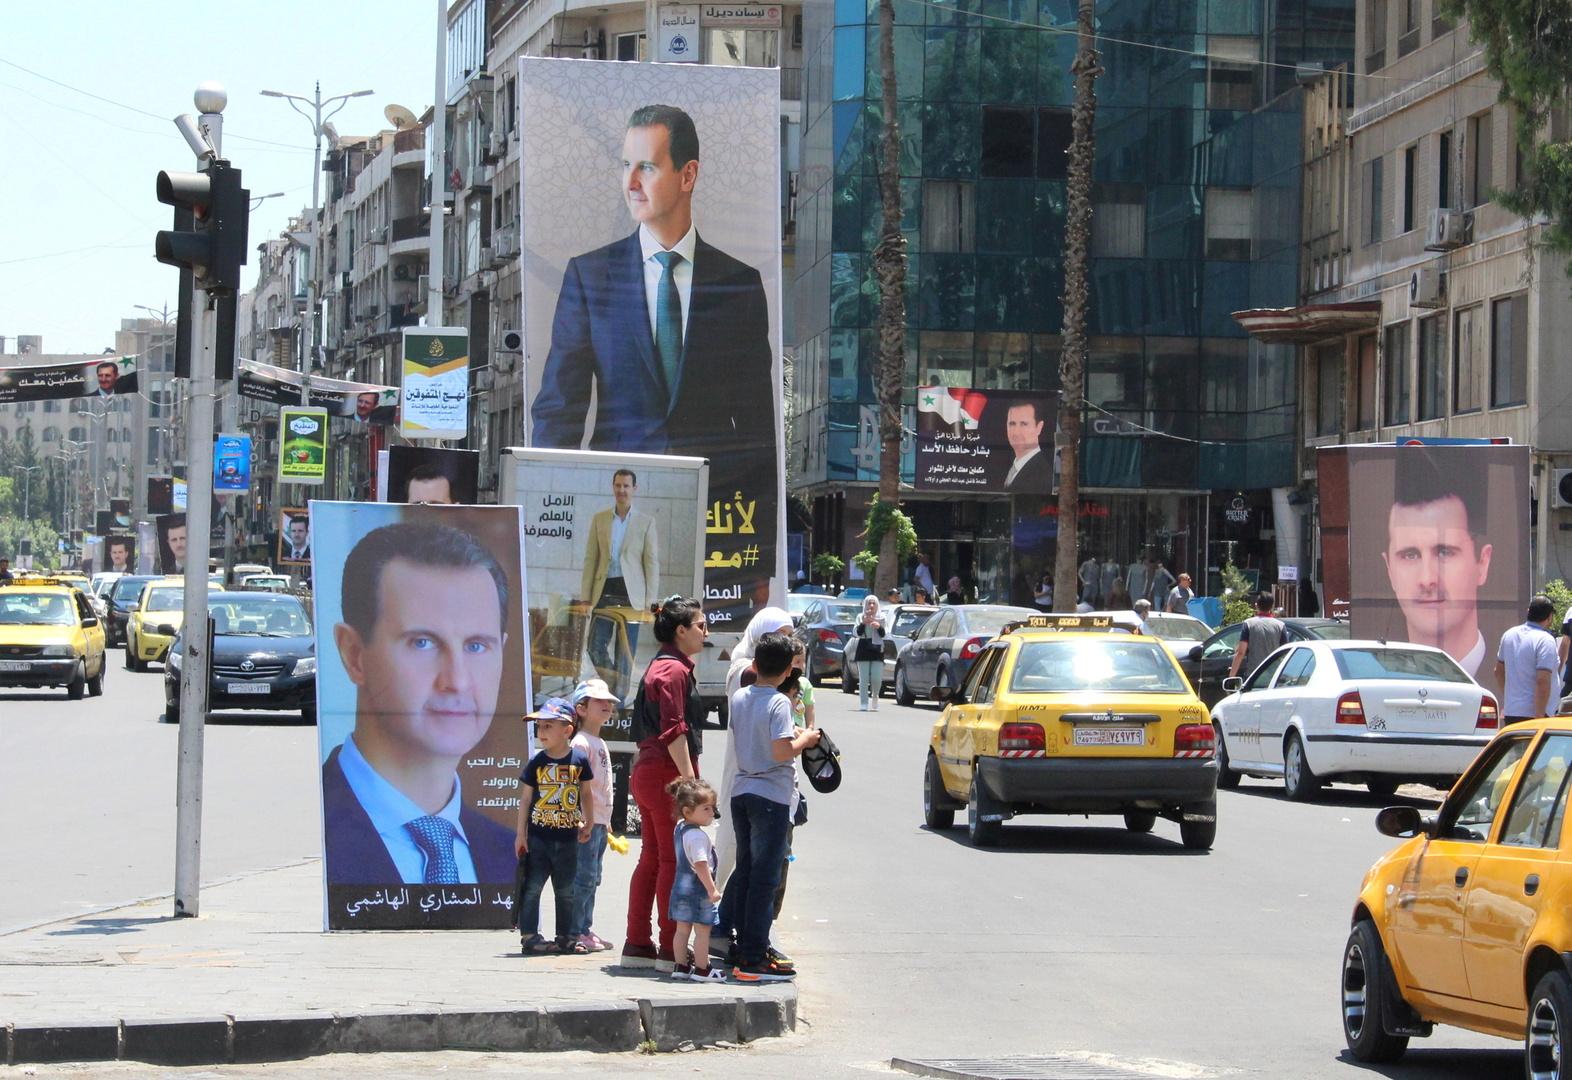 كاتب أمريكي: على الولايات المتحدة التعامل مع الأسد